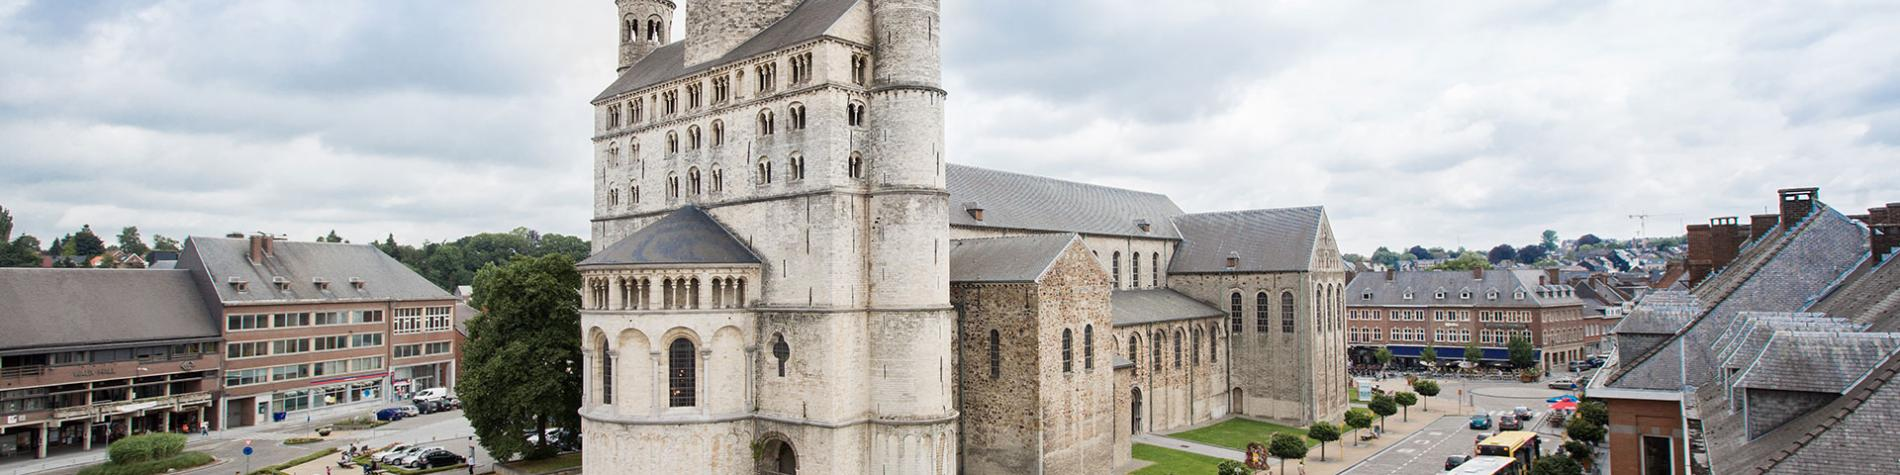 Patrimoine religieux - Collégiale - Sainte-Gertrude - Nivelles